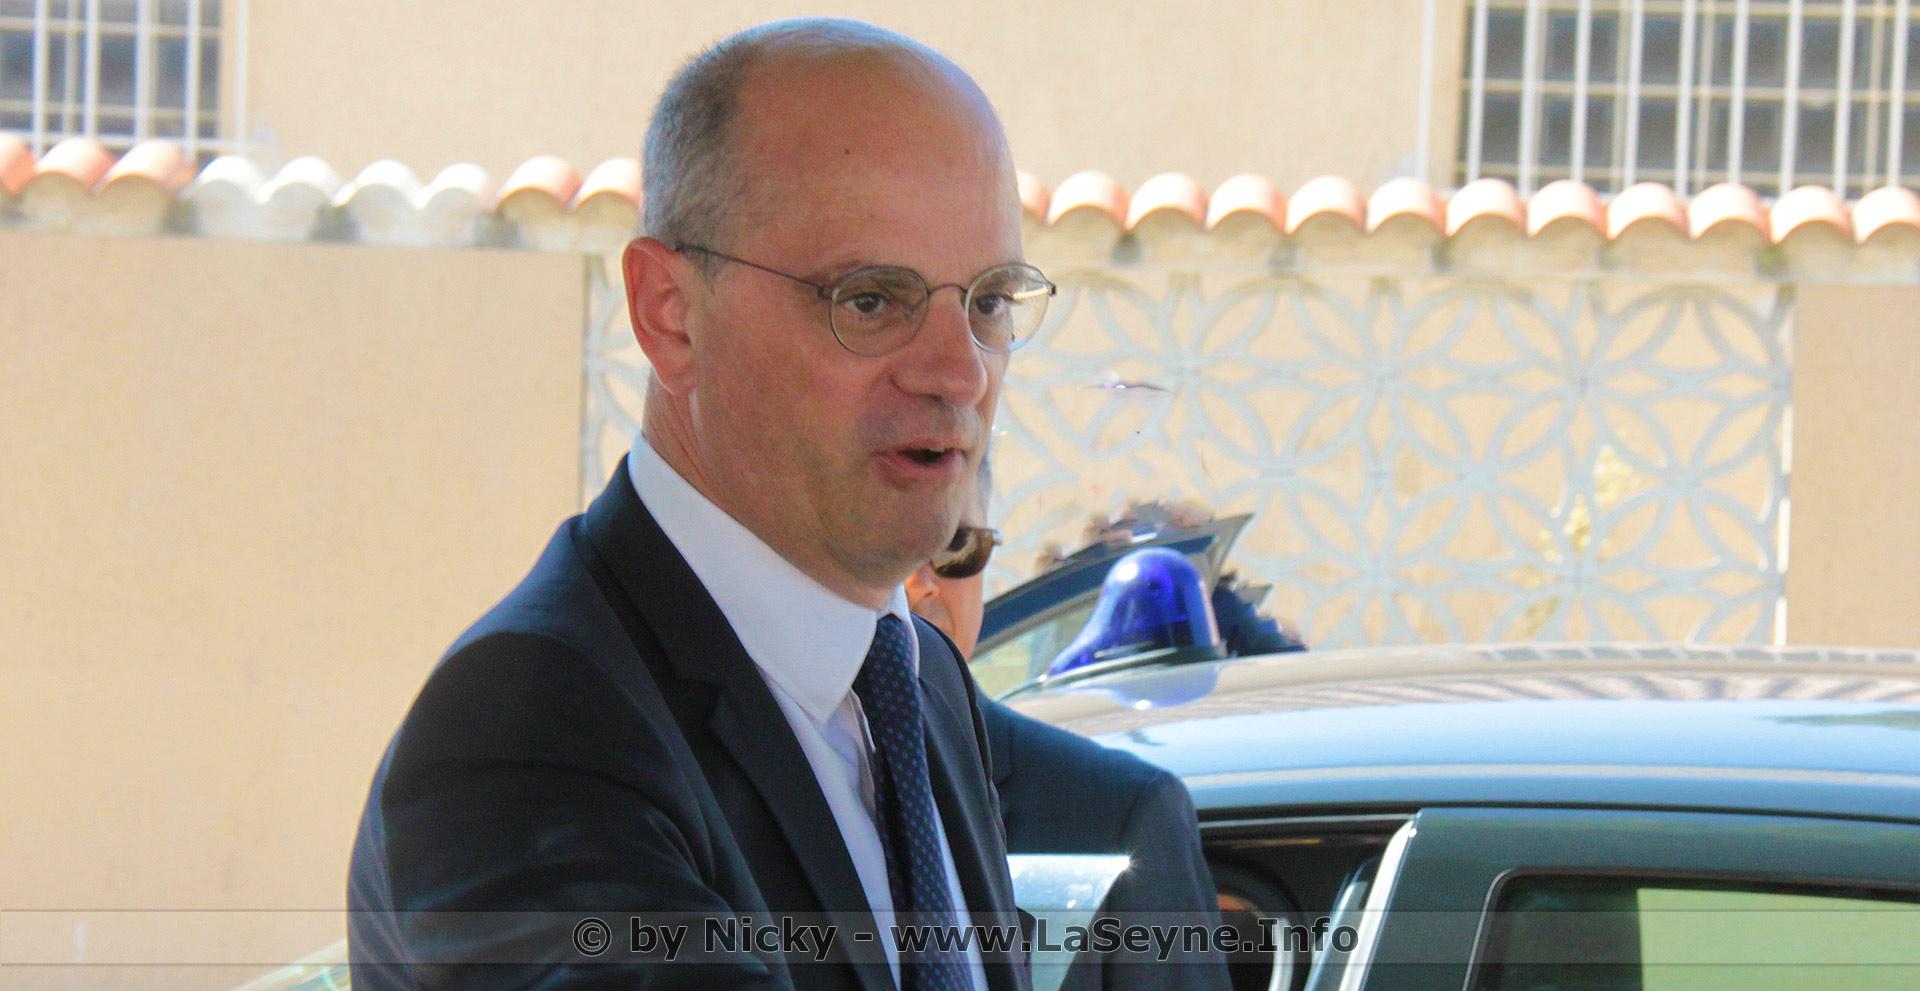 #Déconfinement: Selon le Ministre de l'Education nationale Jean-Michel Blanquer, Il y a plus de Risque à rester chez So